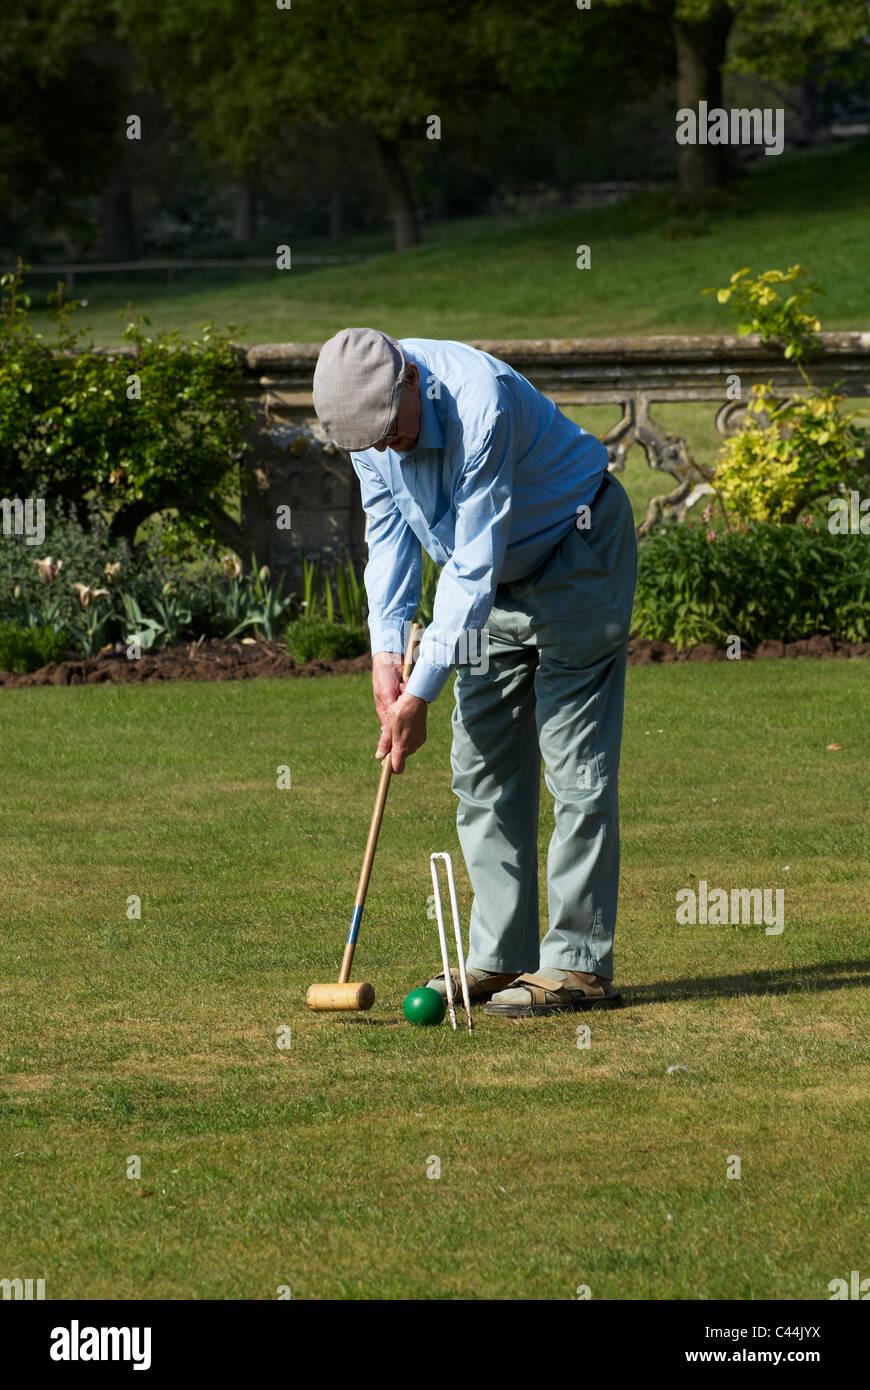 Rentner spielen Krocket Stockbild